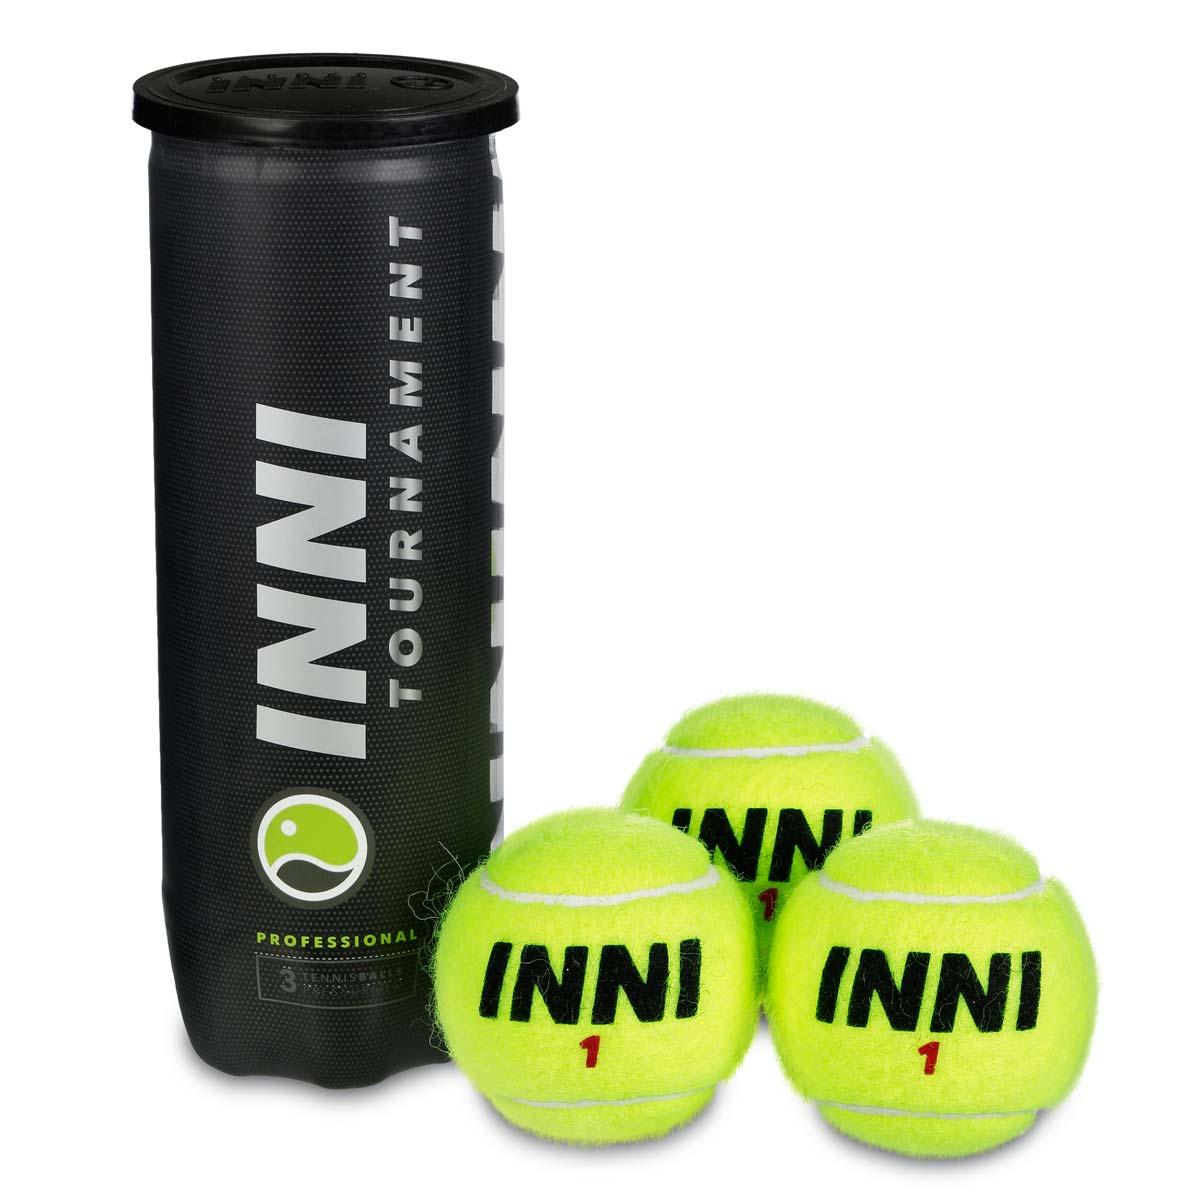 Bola de Tênis Inni Tournament - Tubo c/ 3 bolas